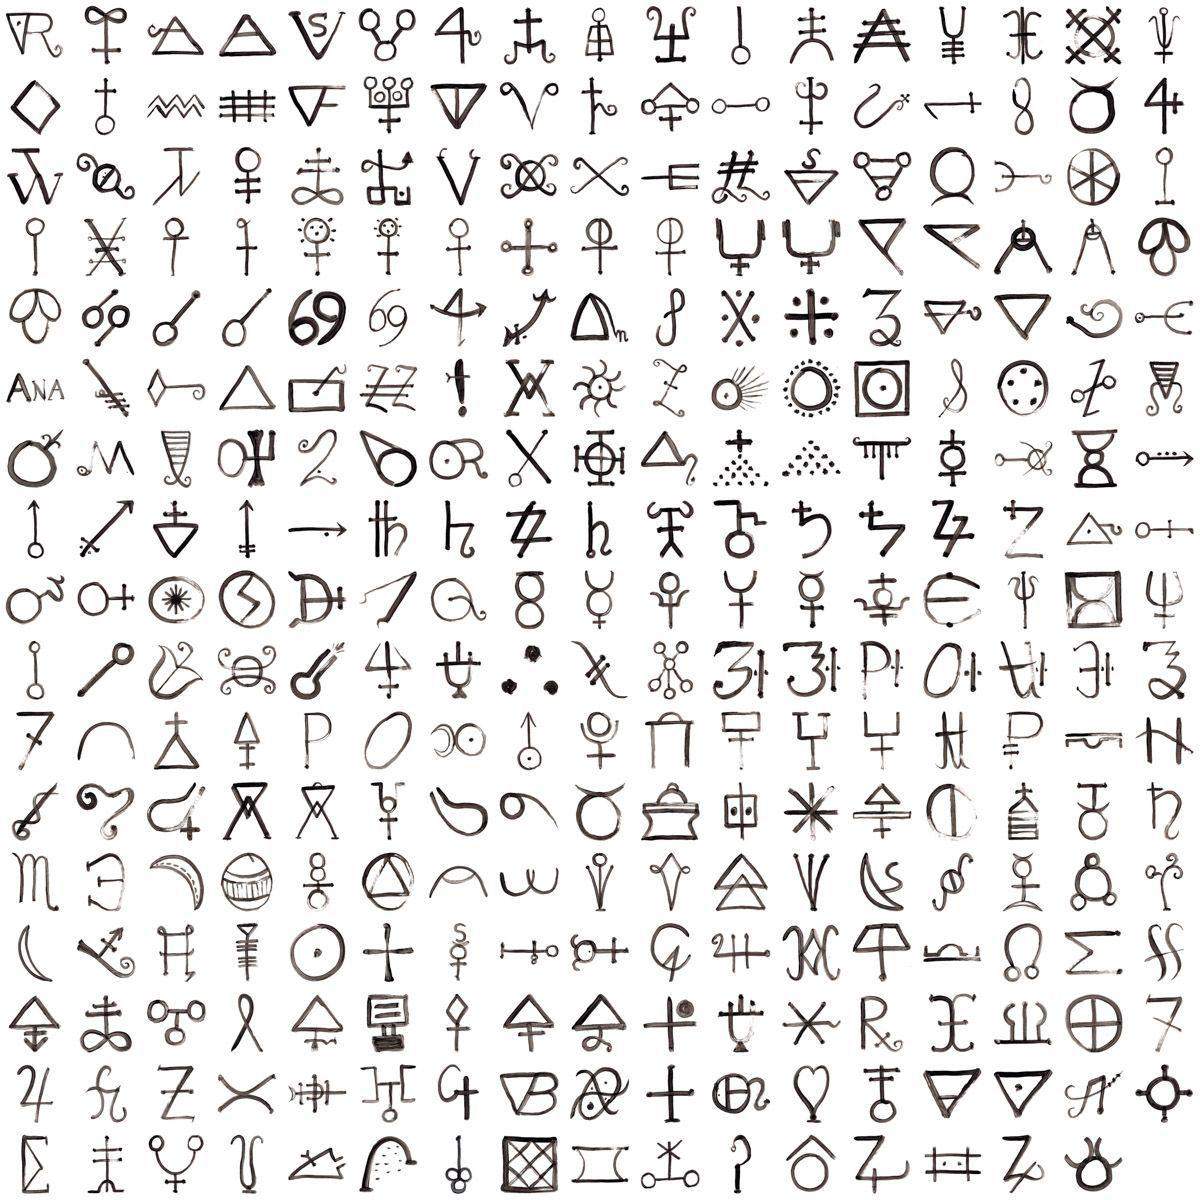 старалась спрятаться символы на страницу картинки остальной